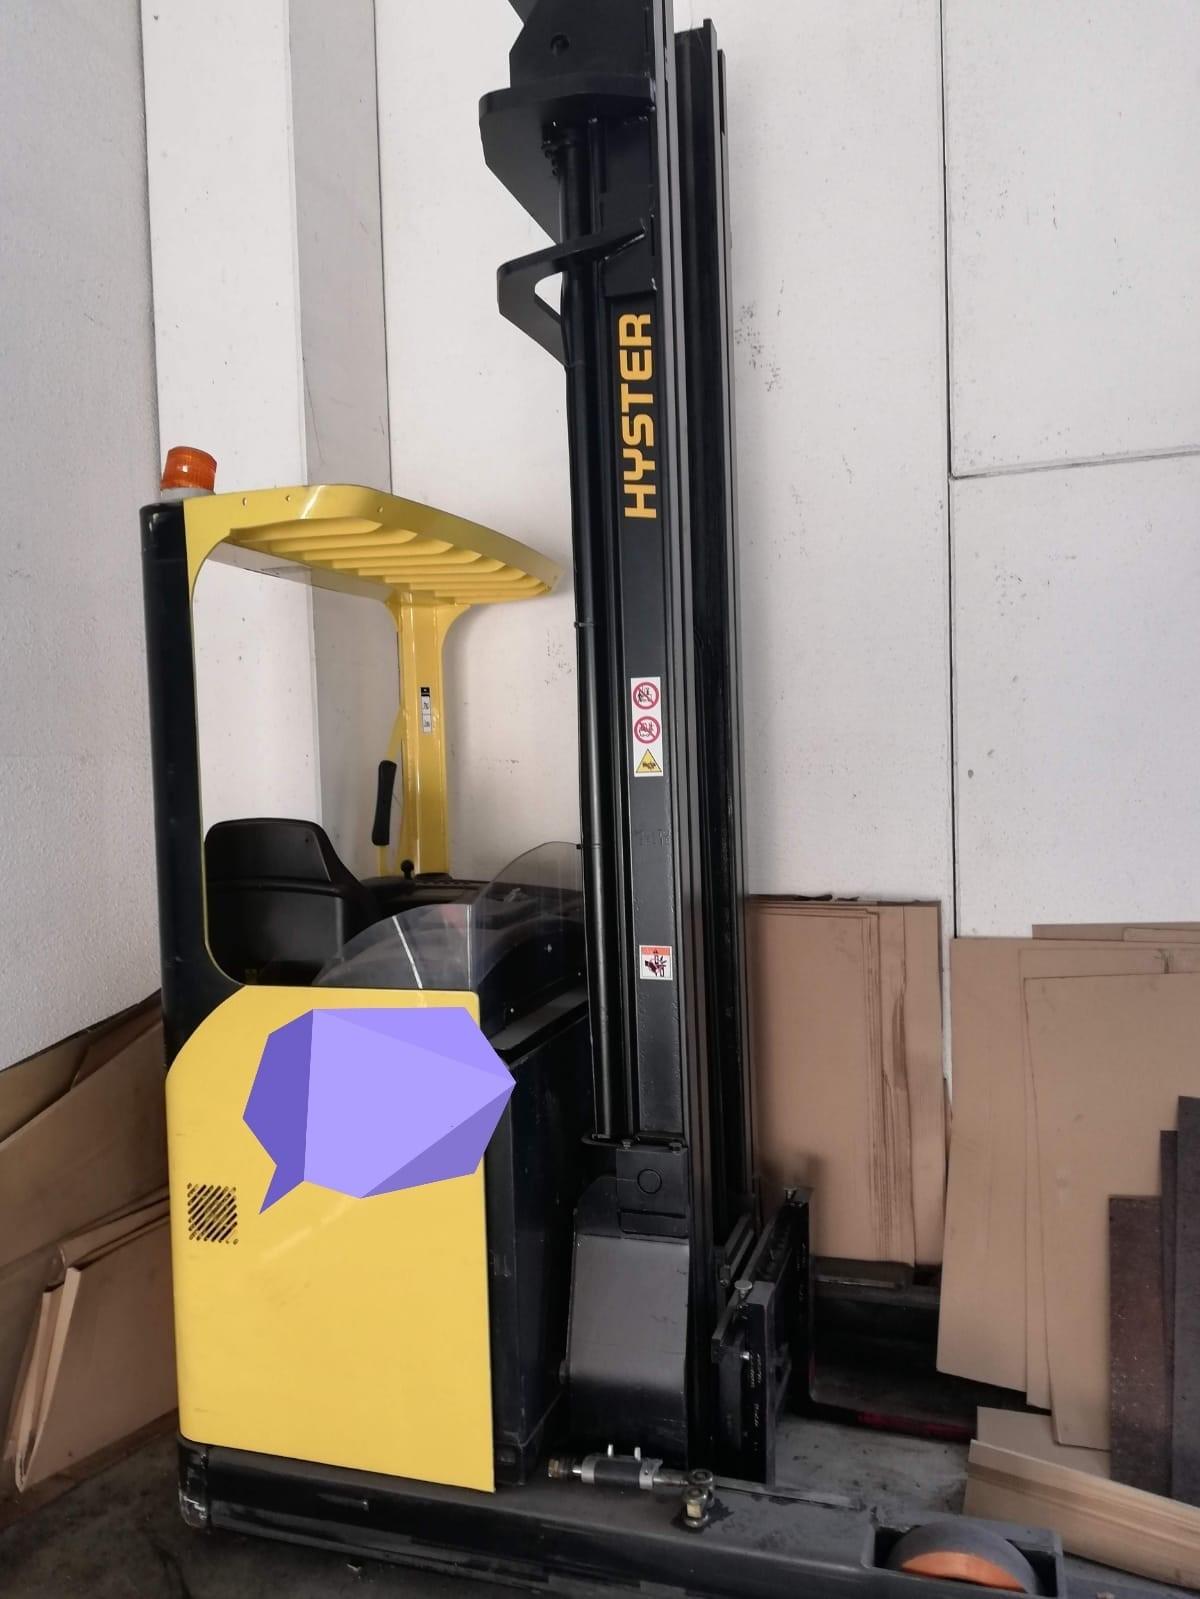 Carrello elevatore retrattile hyster  Modello r 1.4 in vendita - foto 1